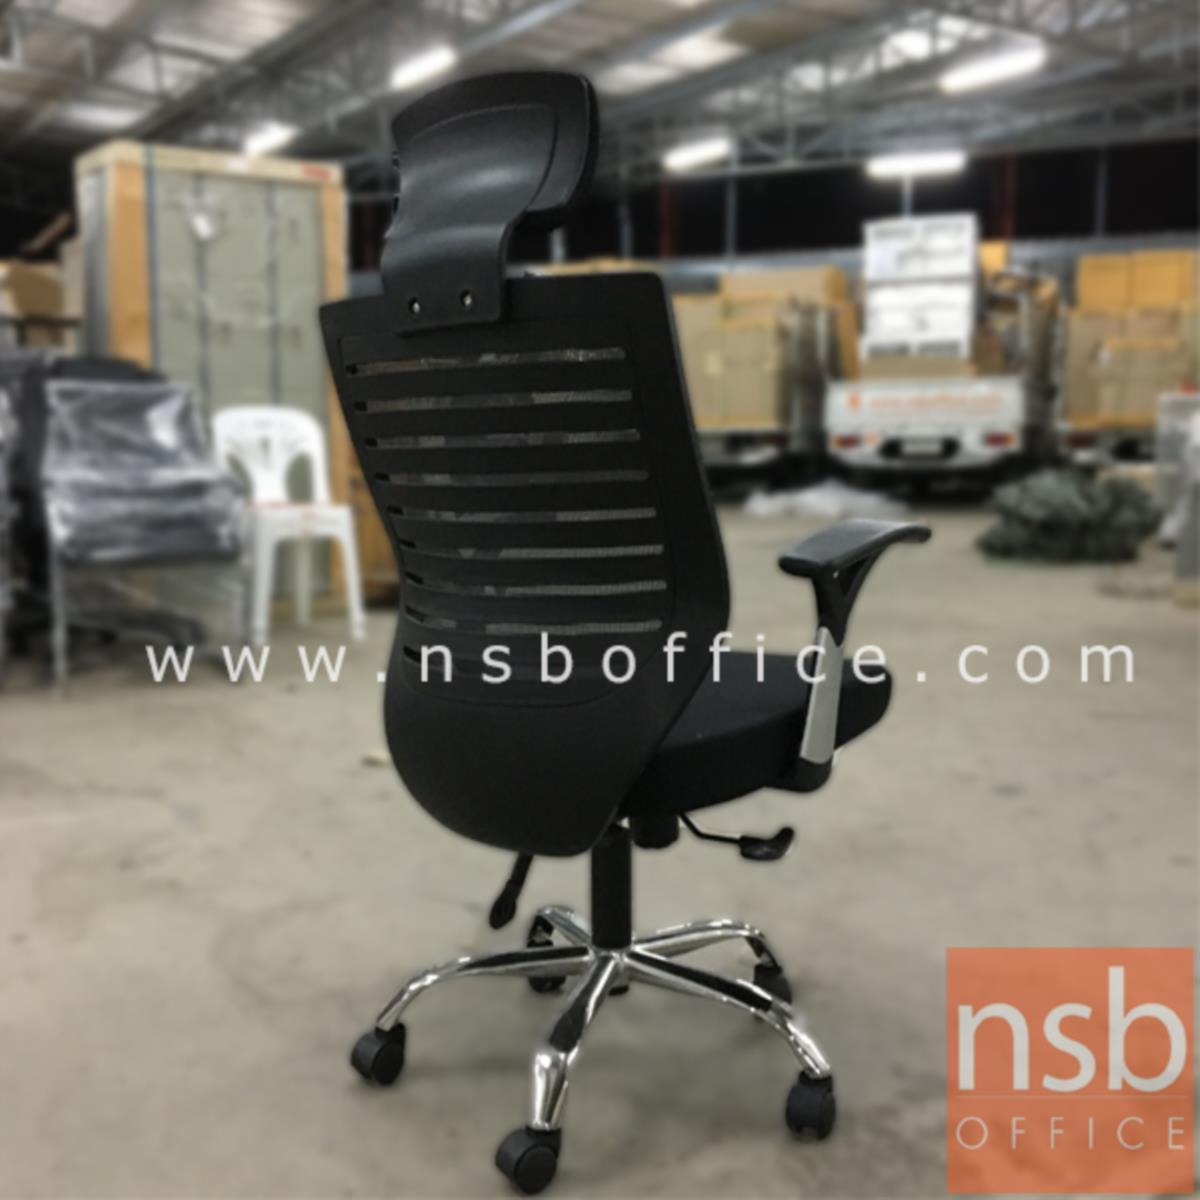 เก้าอี้ผู้บริหารหลังเน็ต รุ่น Nightcrawlers (ไนท์คราวเลอรส์)  โช๊คแก๊ส มีก้อนโยก ขาเหล็กชุบโครเมี่ยม